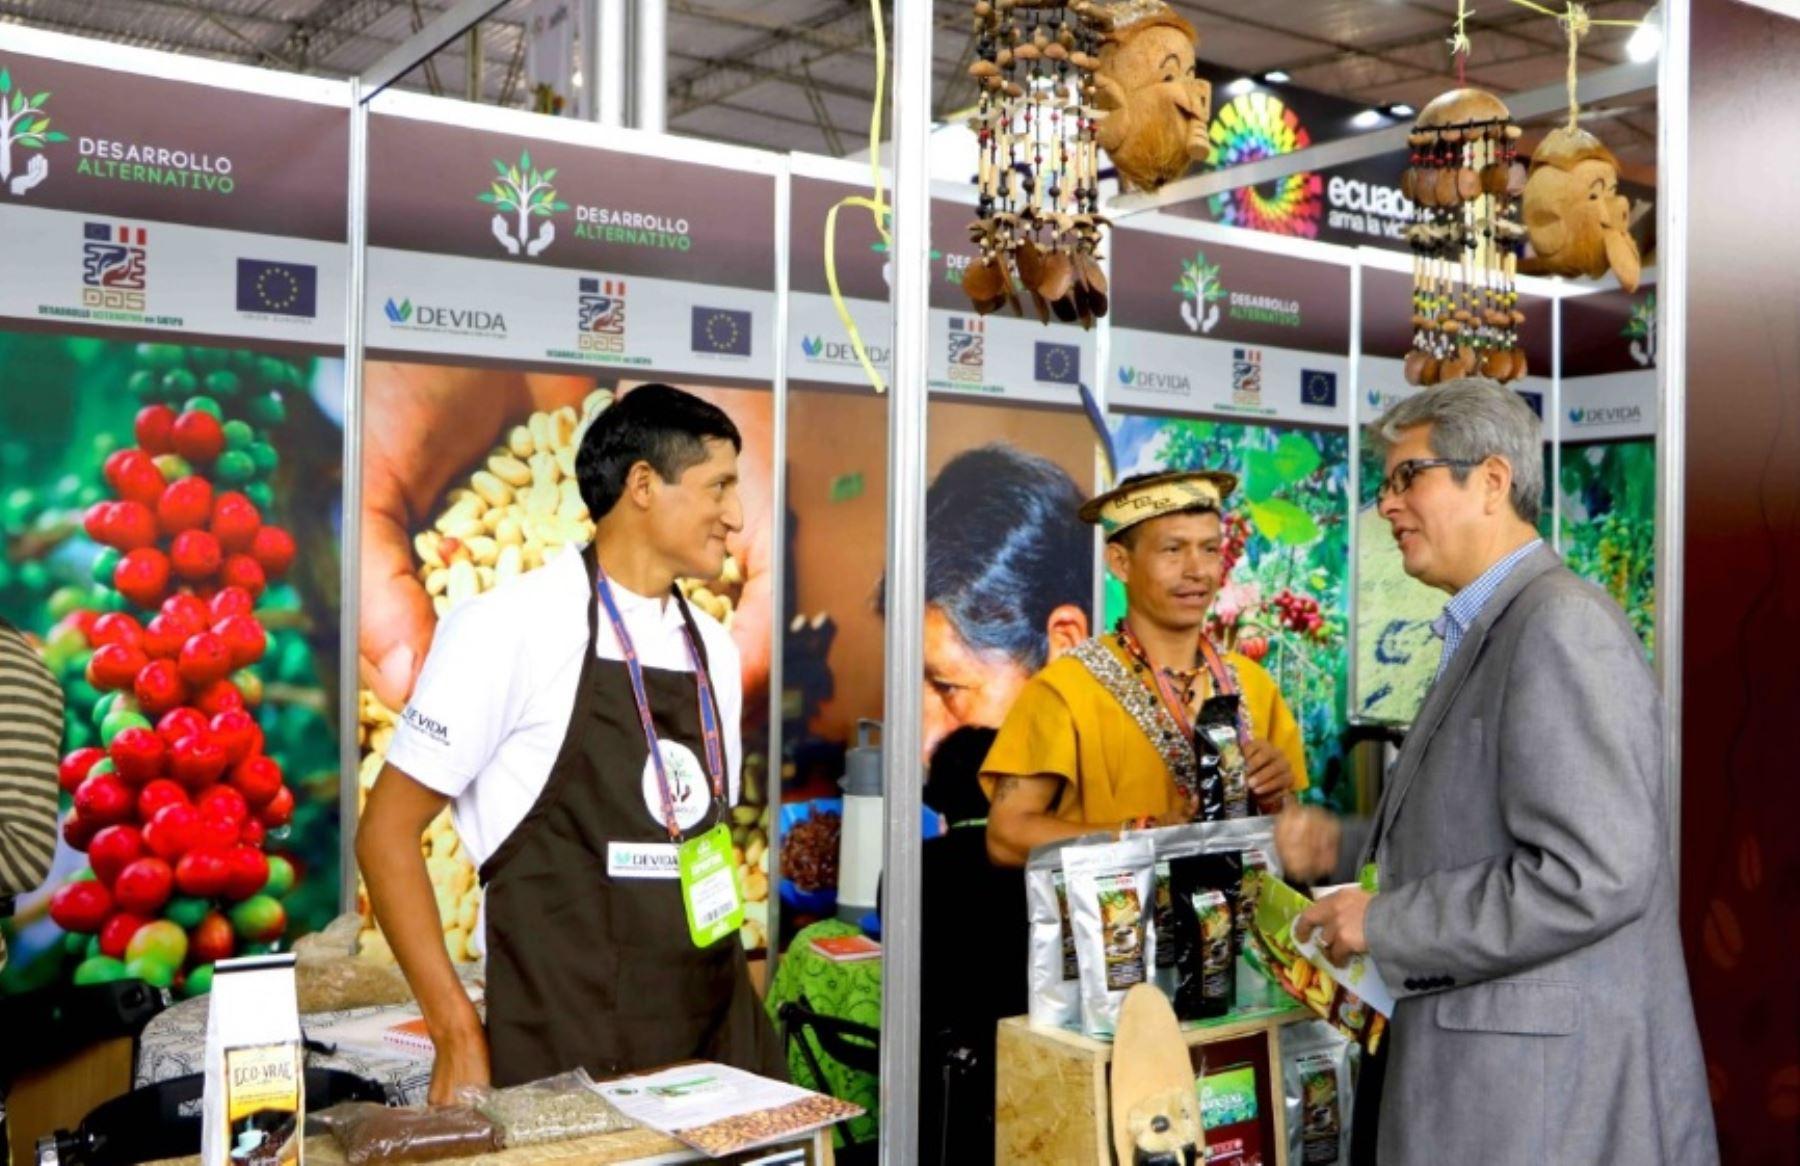 Seis organizaciones de productores de café y cacao de Satipo destacaron con sus productos en Expoalimentaria 2016, la plataforma comercial más importante del país. Estas organizaciones representaron a más de 2,000 familias de agricultores que actualmente se dedican a cultivos lícitos en el ámbito del Valle de los ríos Apurímac, Ene y Mantaro (Vraem).